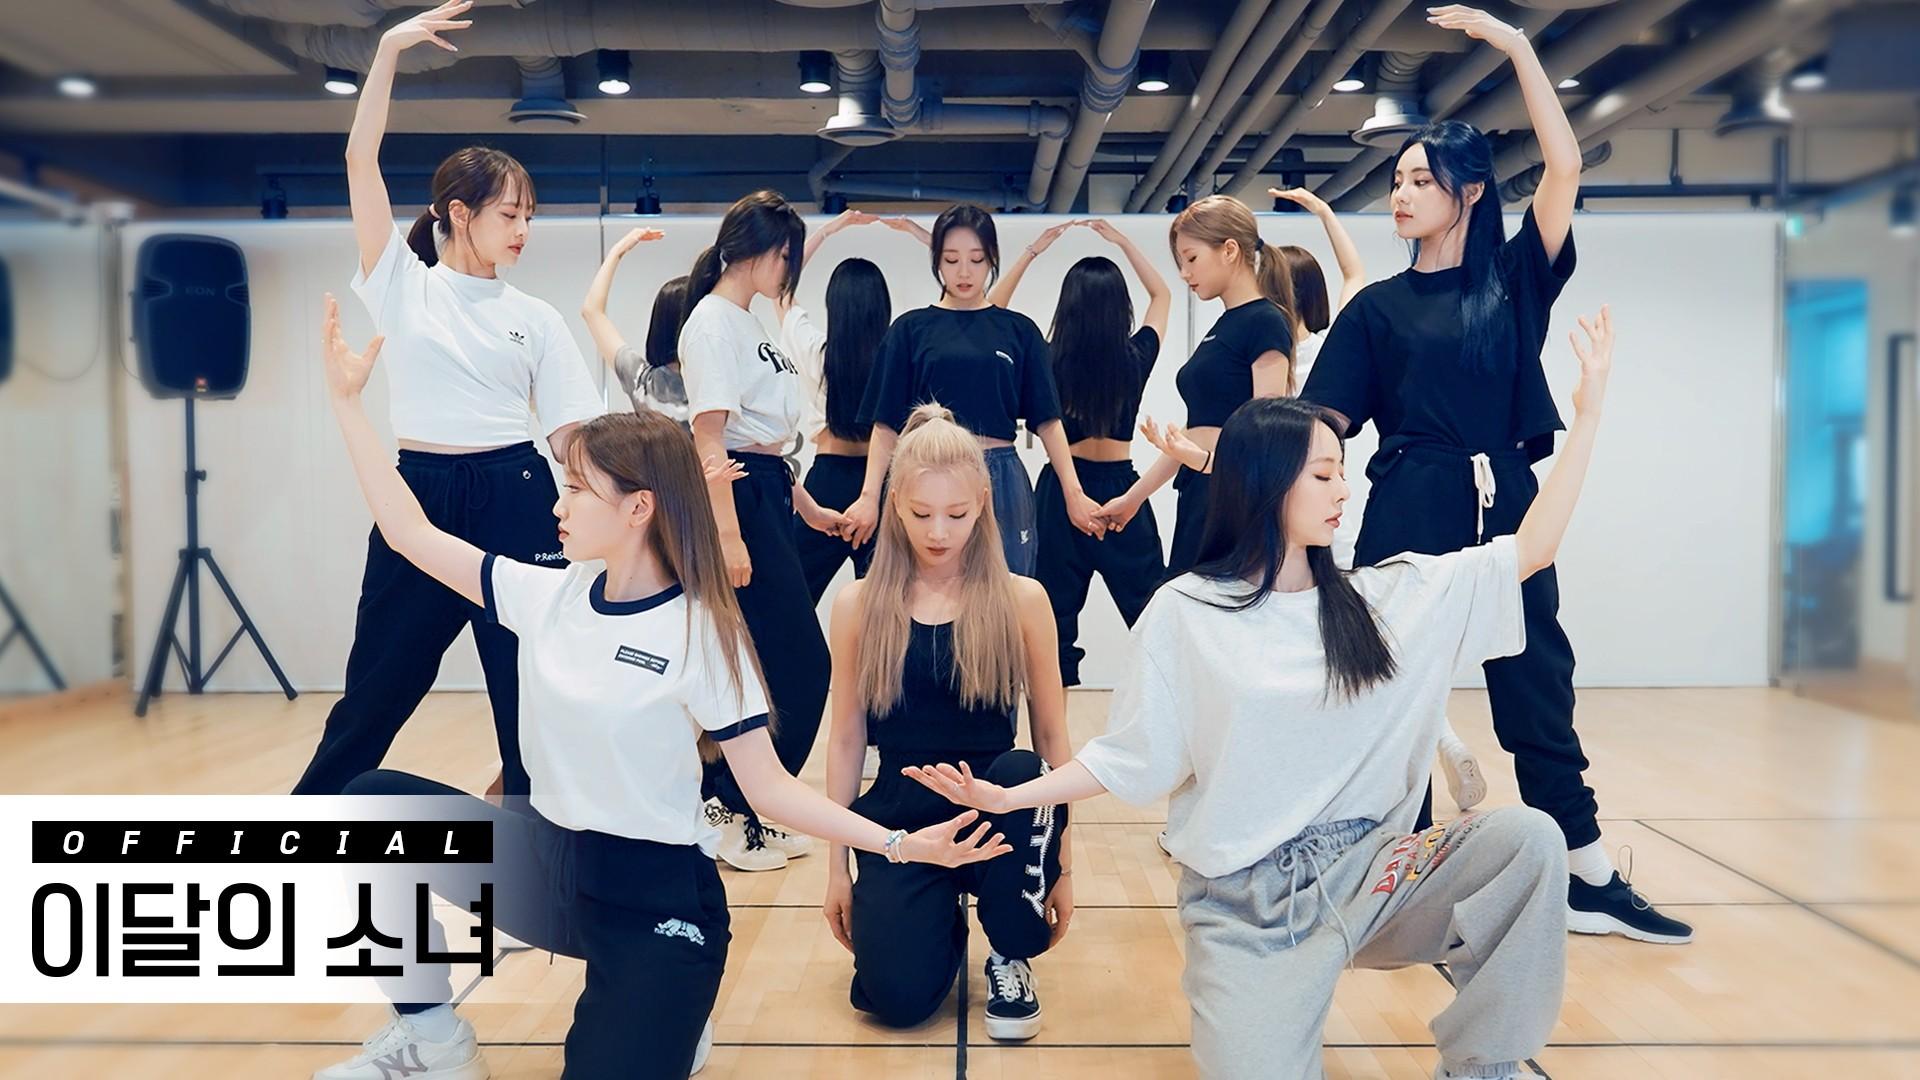 """[이달의 소녀] """"PTT (Paint The Town)"""" Dance Practice Video"""